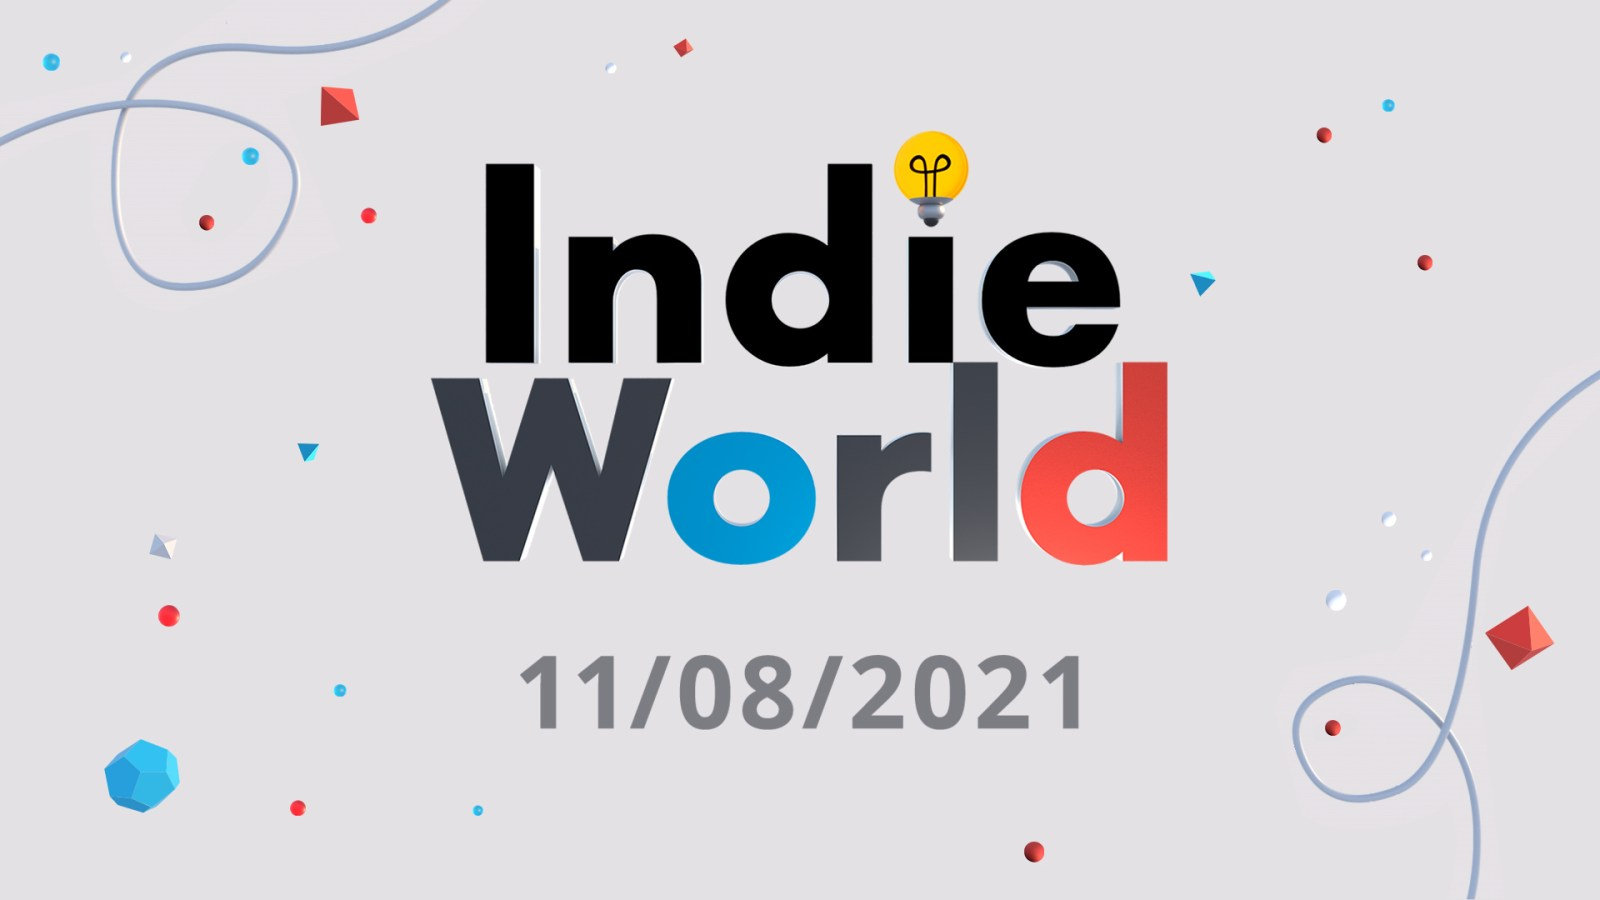 Indie World 11/08/2021